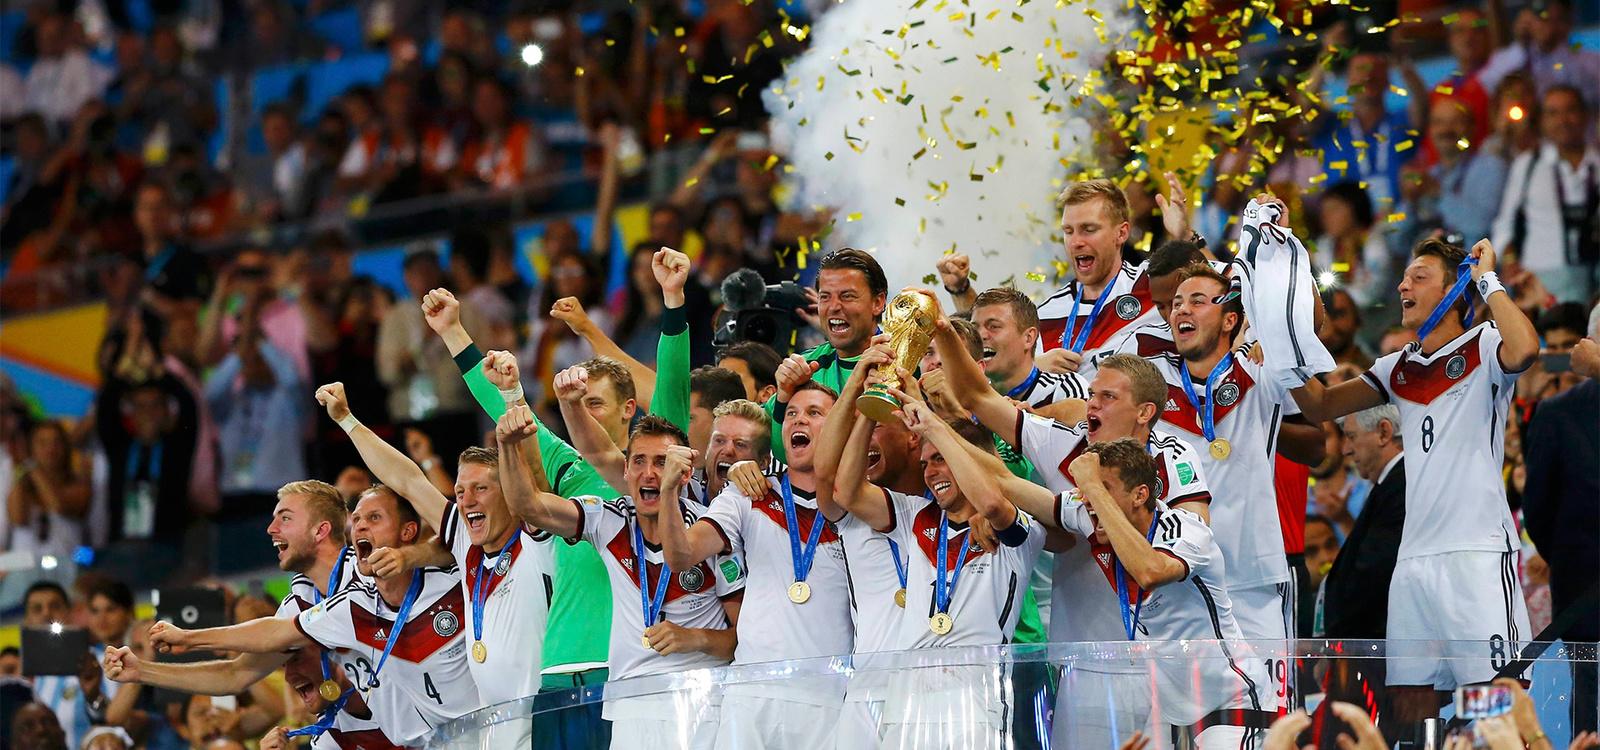 Bóng đá Đức và cuộc cách mạng vĩ đại từ 3 năm trước